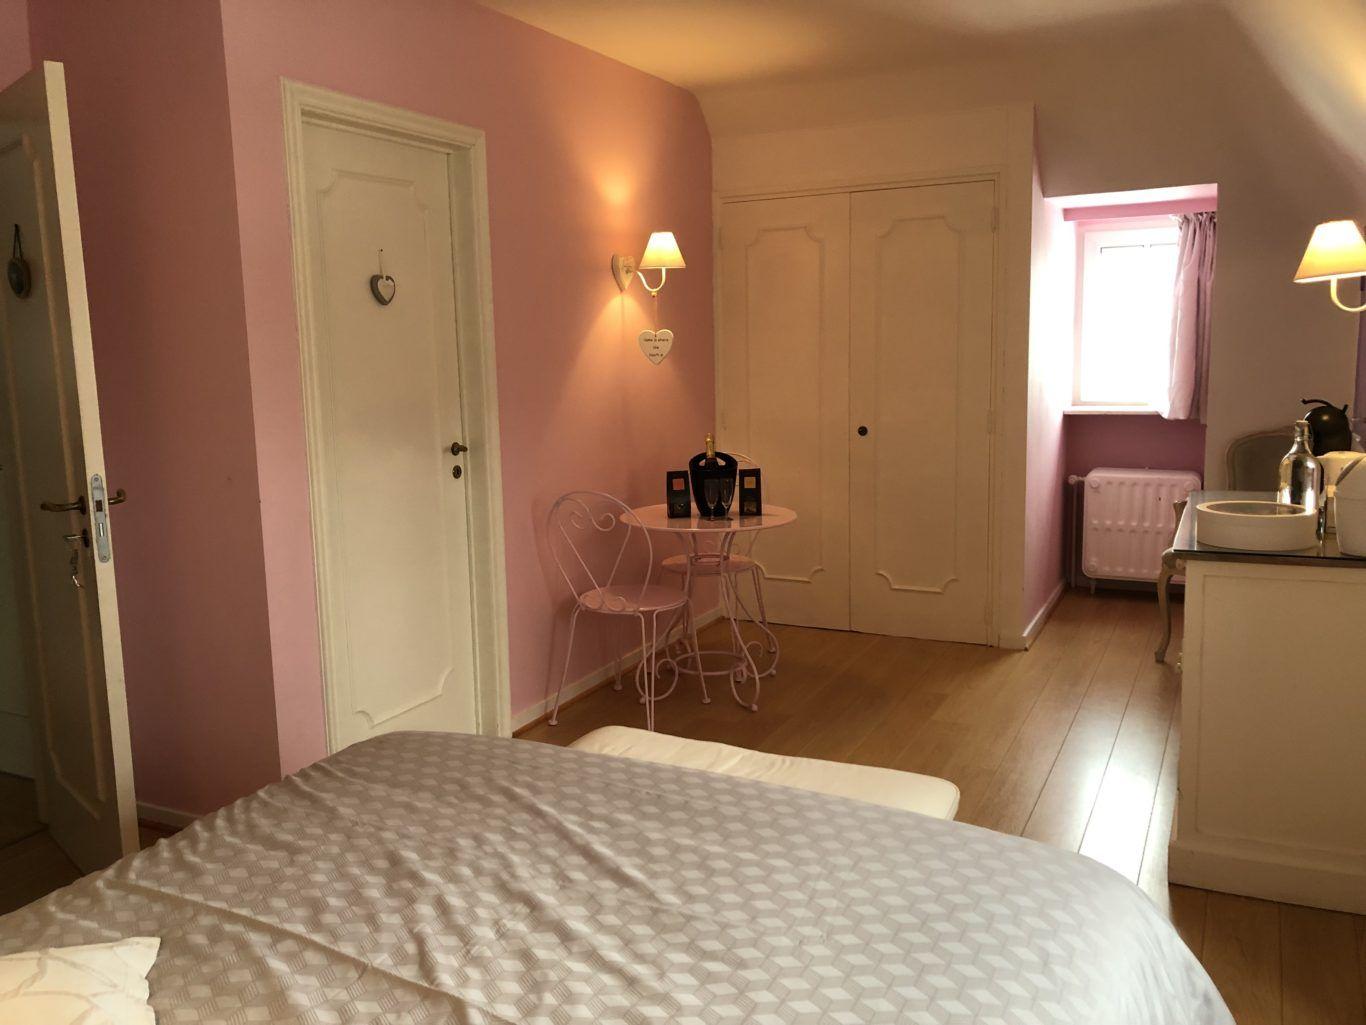 Gwendoline En 2020 Avec Images Chambre A Louer Chambre A Coucher Decoration Interieure